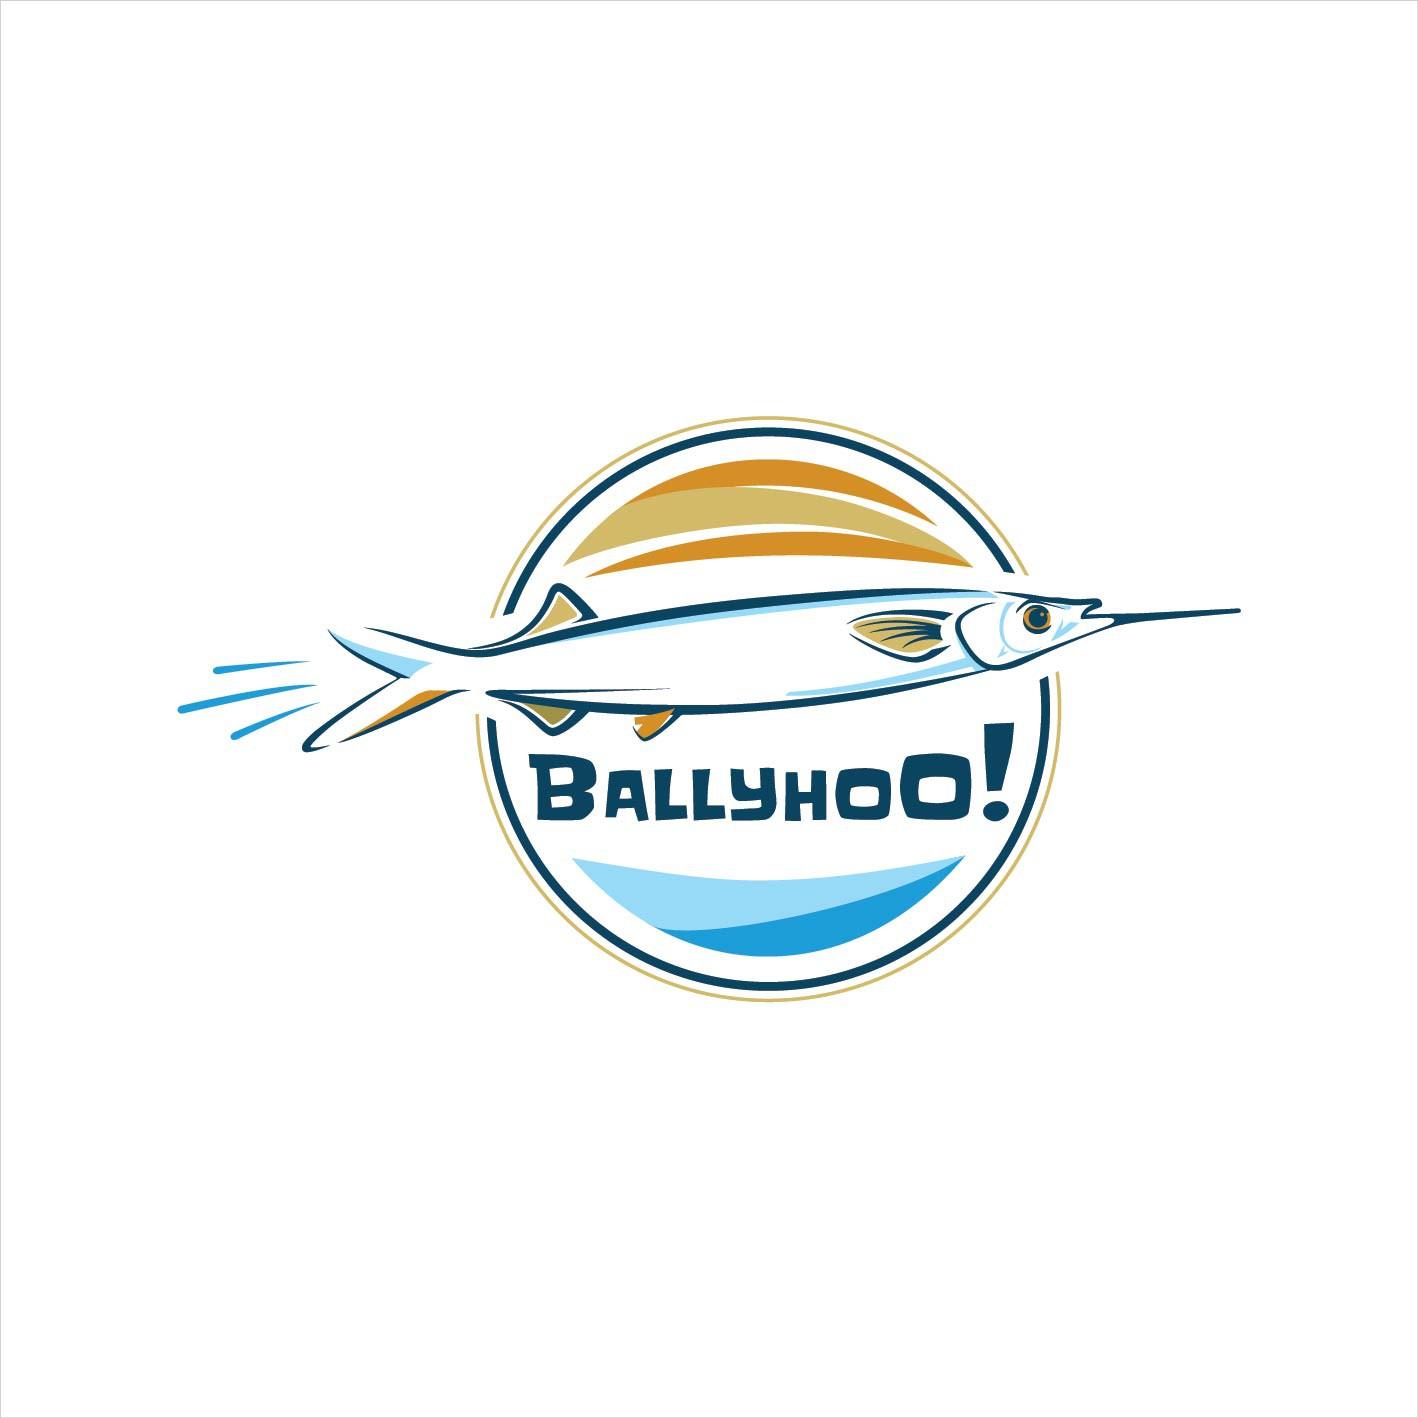 Ballyhoo! - The Logo